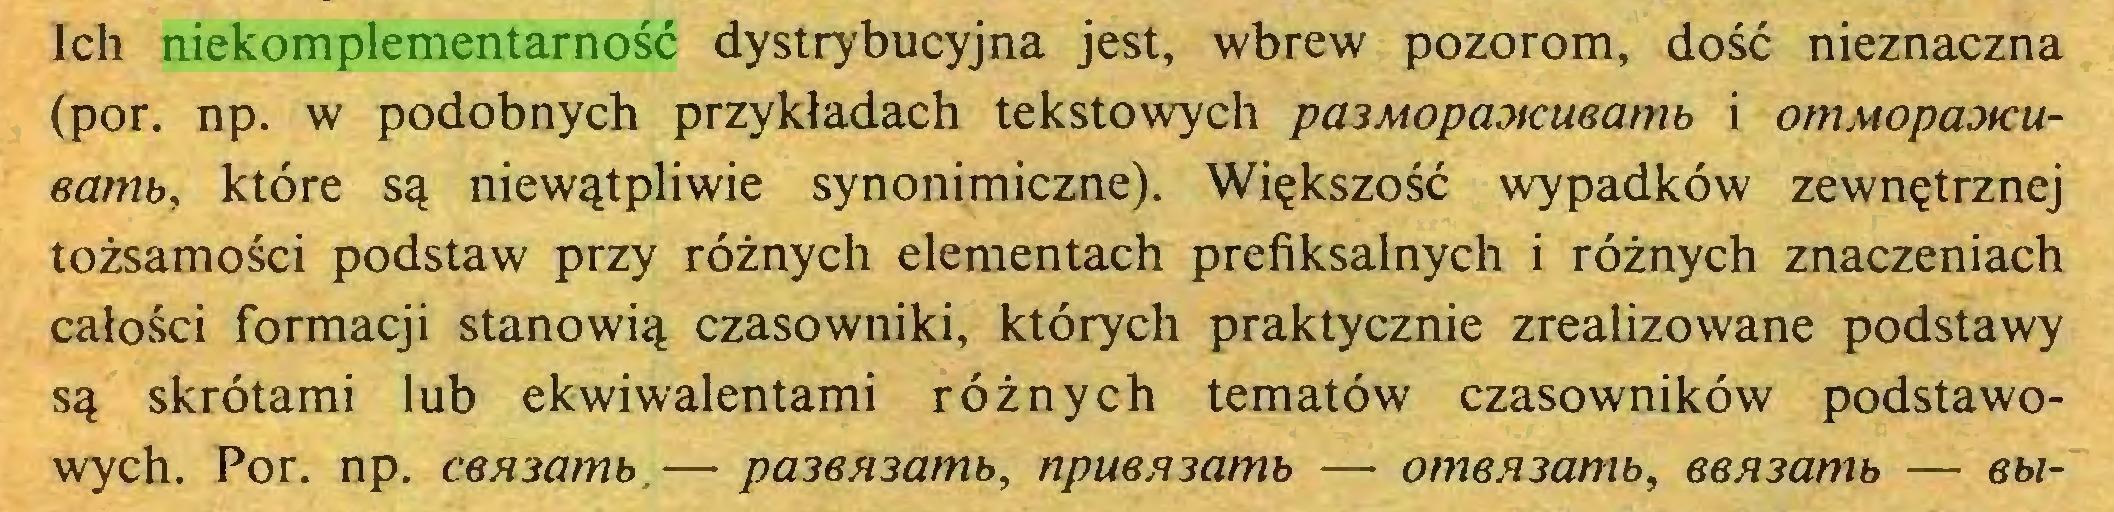 (...) Ich niekomplementarność dystrybucyjna jest, wbrew pozorom, dość nieznaczna (por. np. w podobnych przykładach tekstowych pa3Mopa3tcueamb i omMopaoteueamb, które są niewątpliwie synonimiczne). Większość wypadków zewnętrznej tożsamości podstaw przy różnych elementach prefiksalnych i różnych znaczeniach całości formacji stanowią czasowniki, których praktycznie zrealizowane podstawy są skrótami lub ekwiwalentami różnych tematów czasowników podstawowych. Por. np. C6H3amb.— pa36A3amb, npuensamb — omenzamb, &6A3amb — ebi...